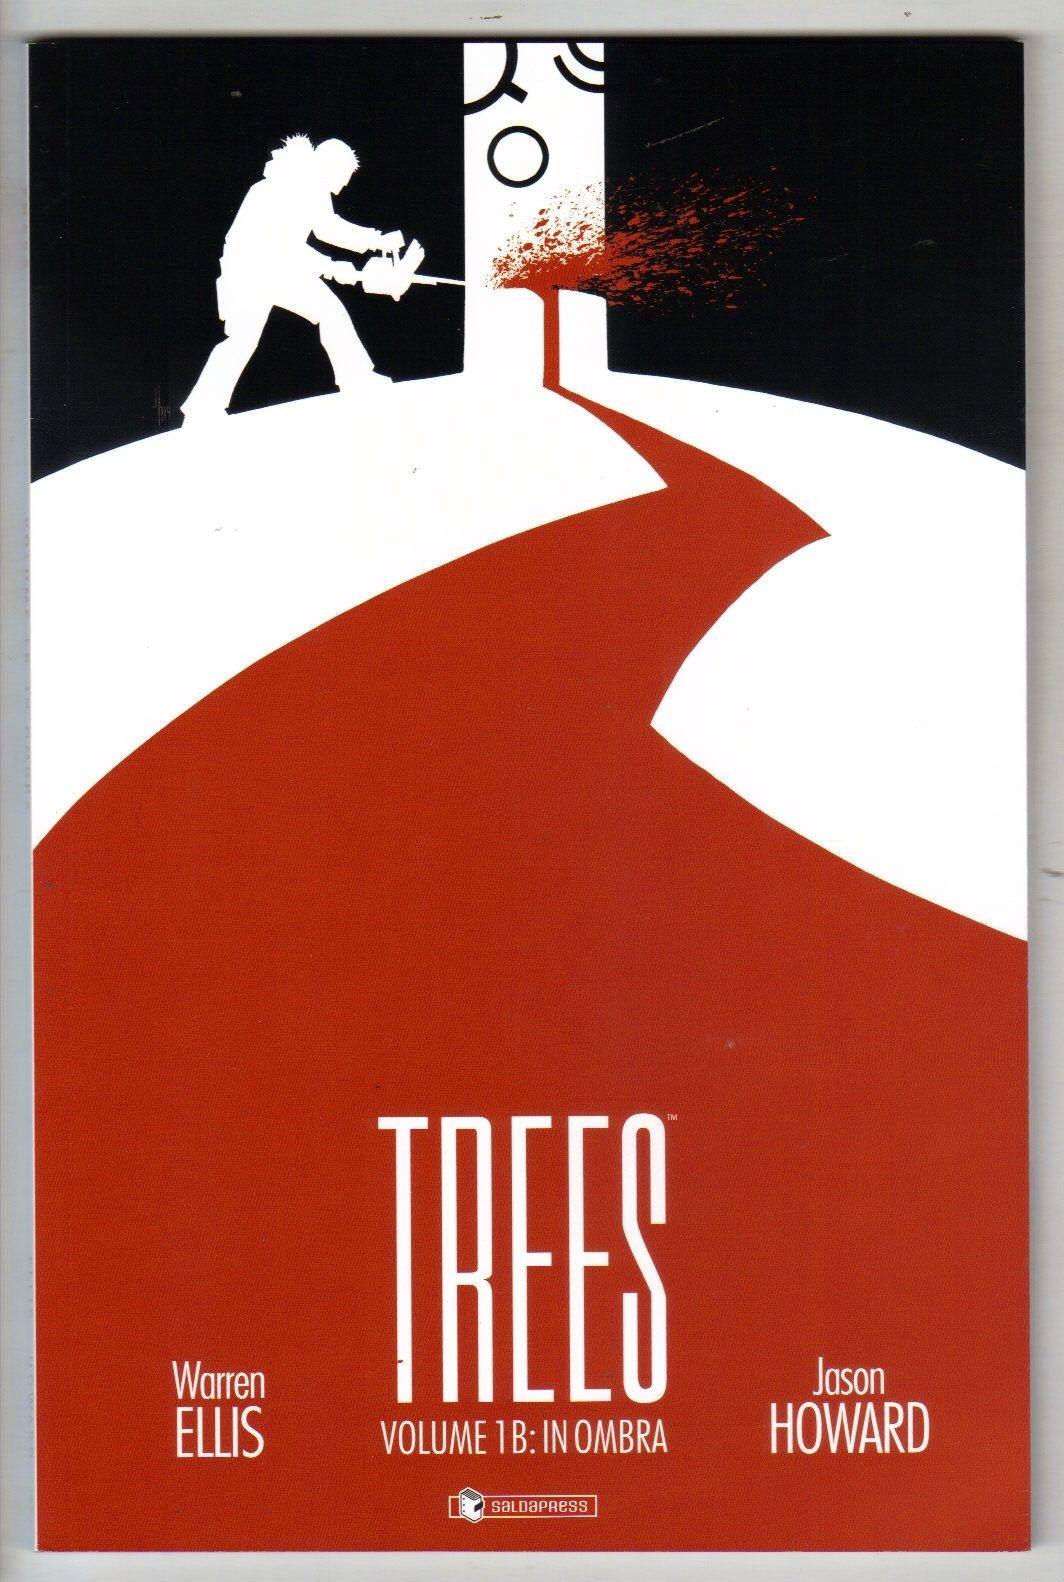 Trees vol. 1B